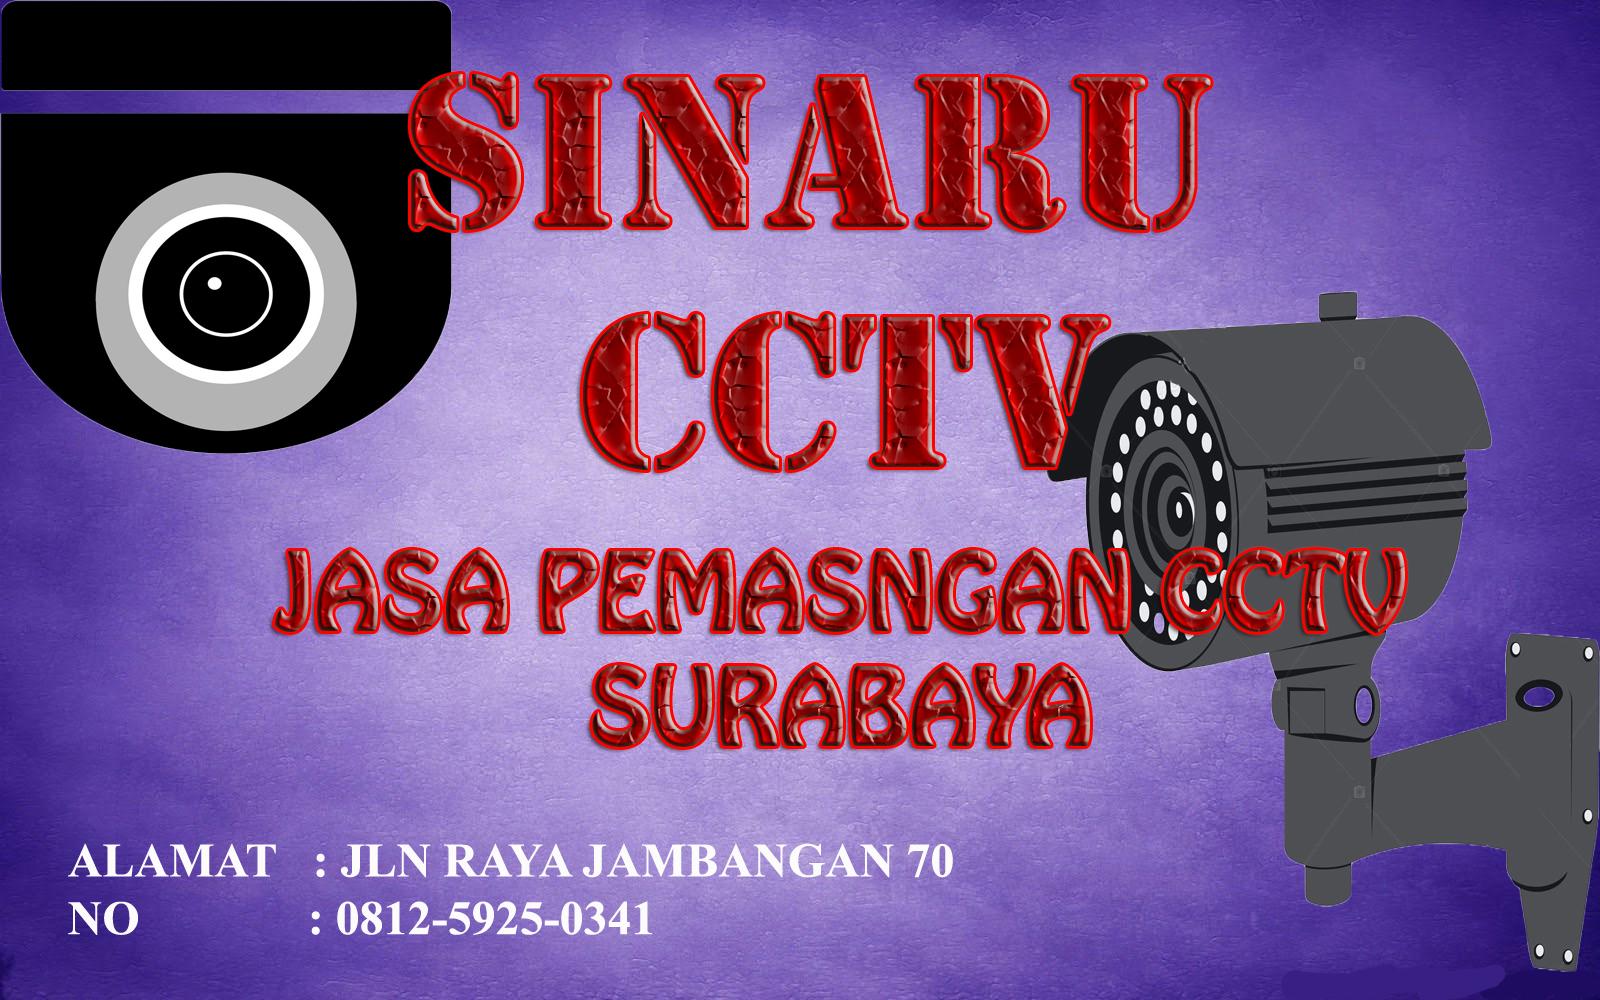 JASA PASANG CCTV SURABAYA